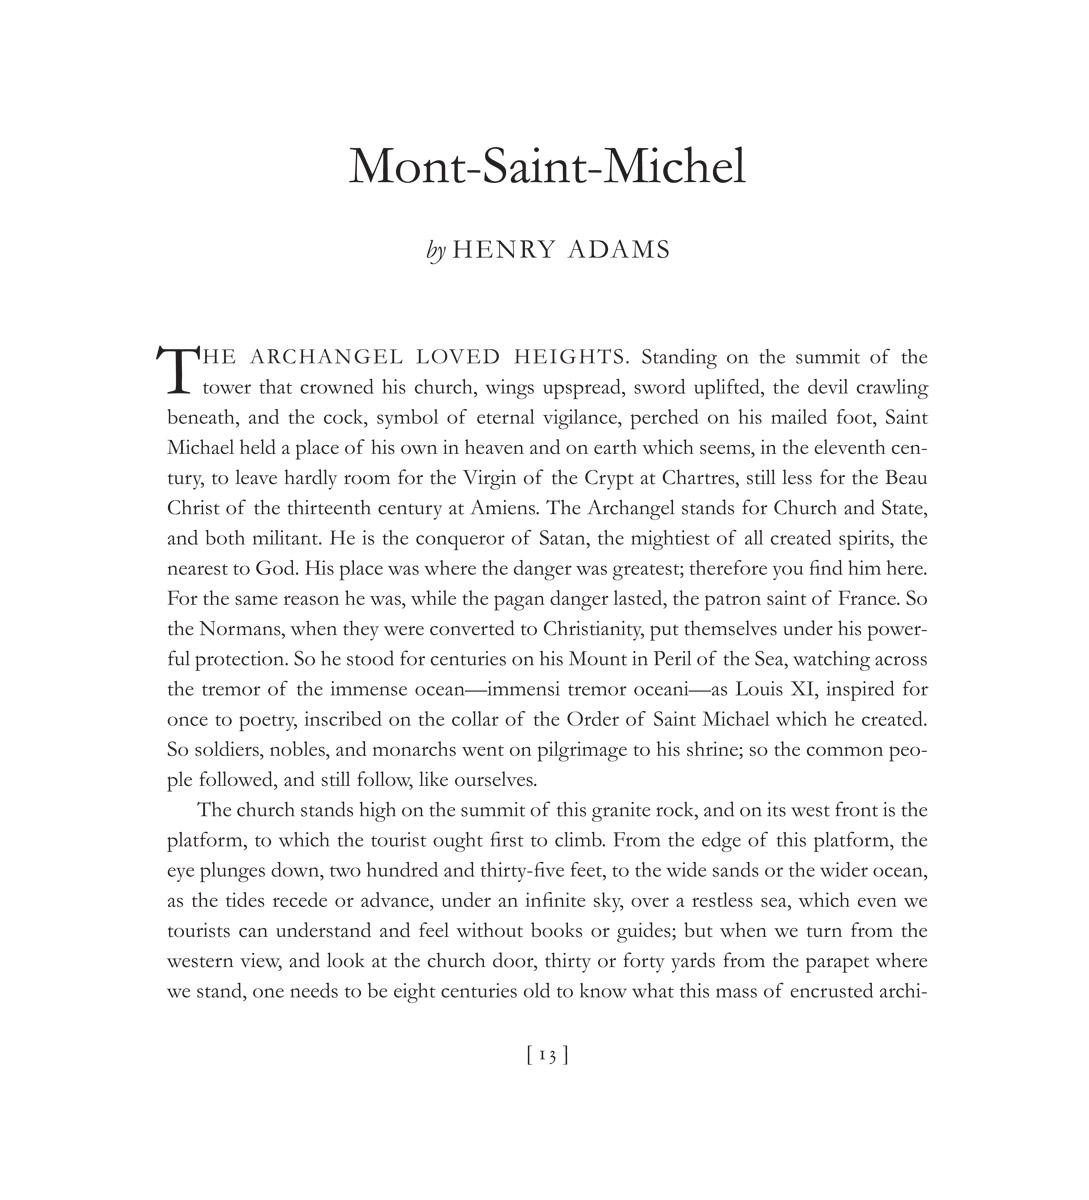 Henry Adams, Mont-Saint-Michel